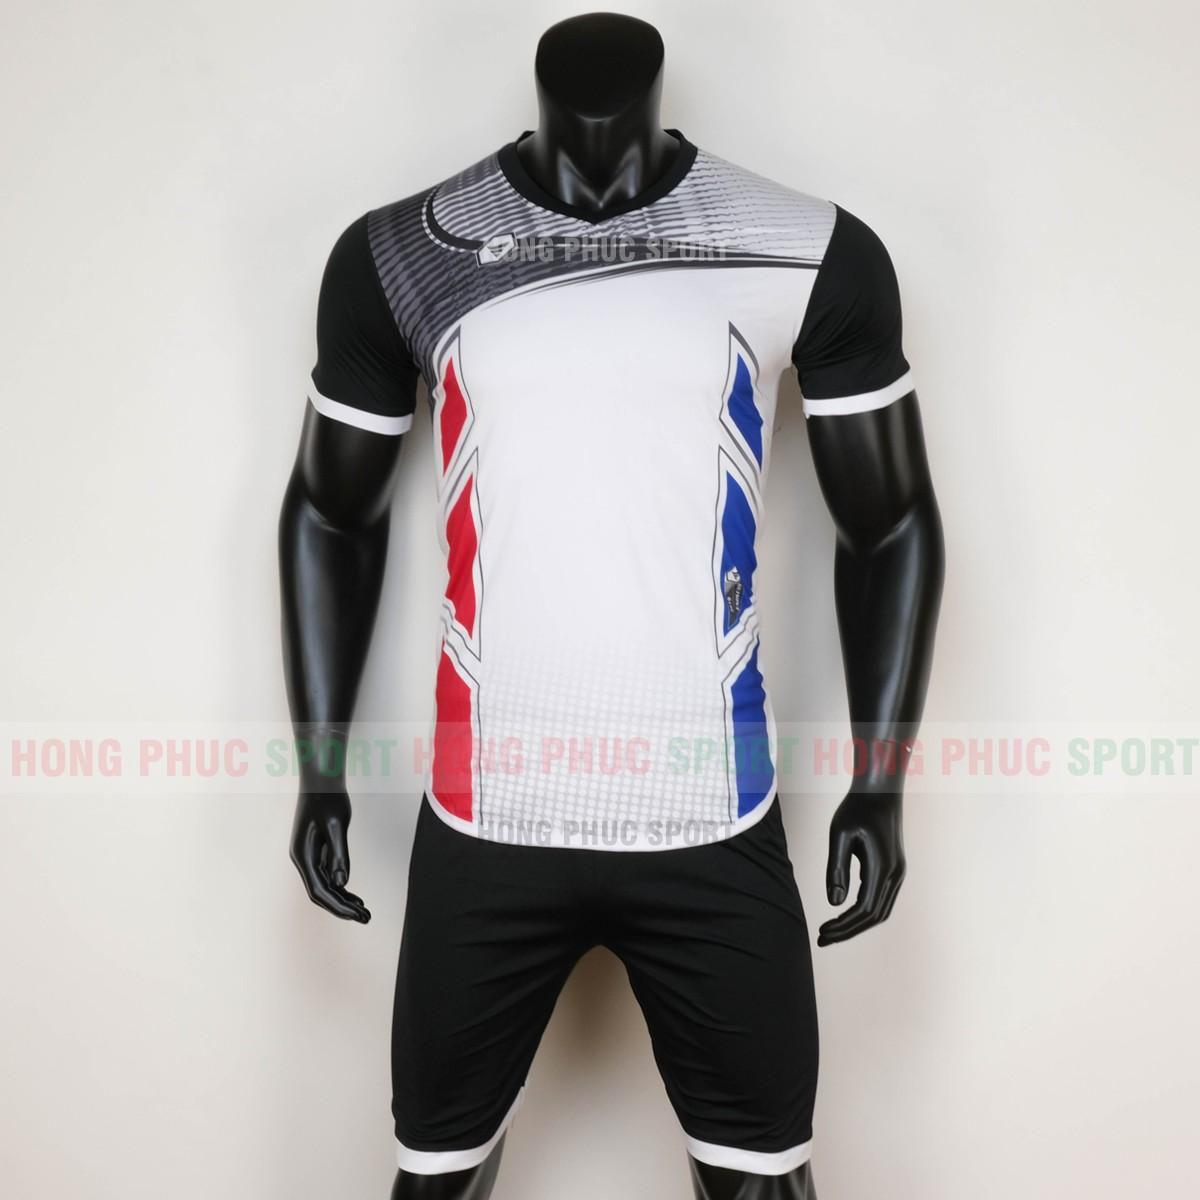 https://cdn.hongphucsport.com/unsafe/cdn.hongphucsport.com/dothethao.net.vn/wp-content/uploads/2020/01/ao-bong-da-khong-logo-endless-2020-den-trang-1.jpg